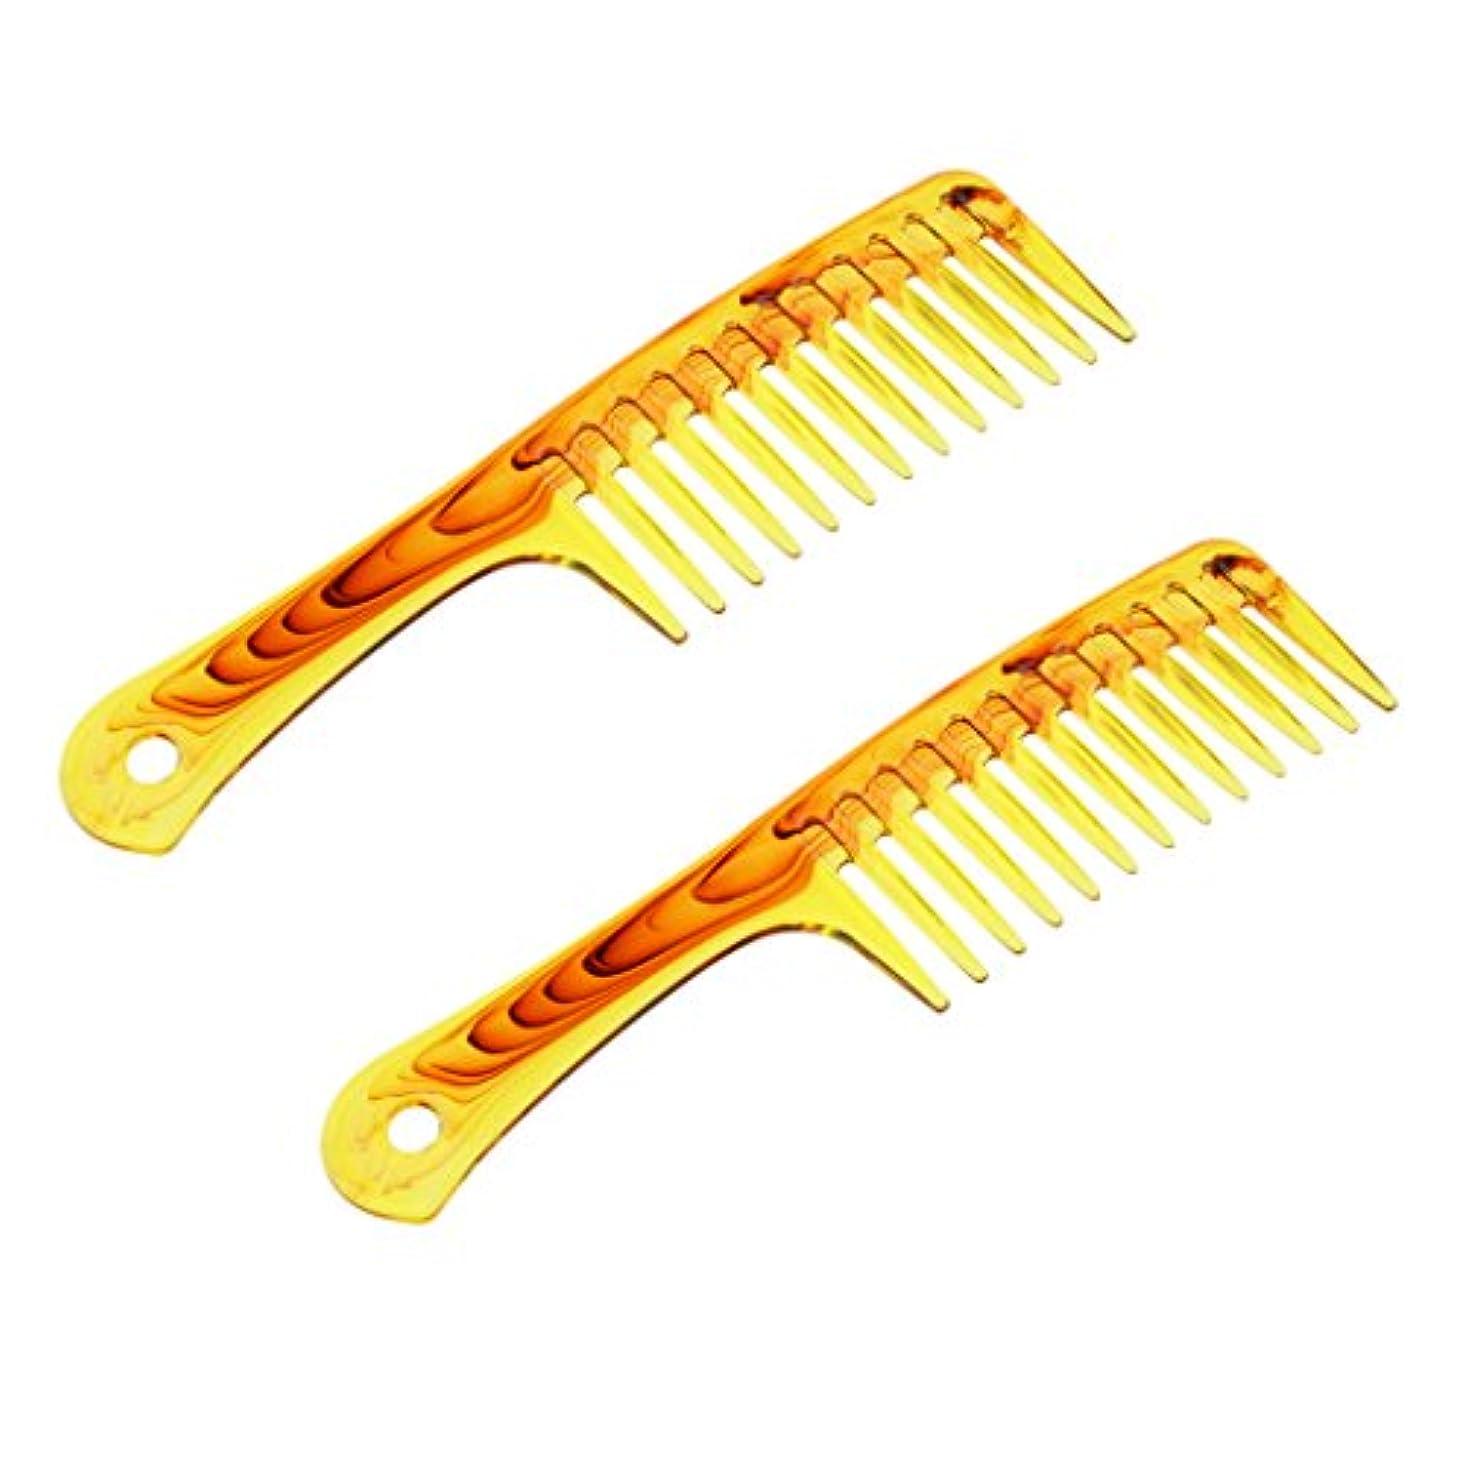 実り多い窓小道具Baosity ヘアコーム プラスチック製 2個入 櫛 くし シャンプー 広い歯